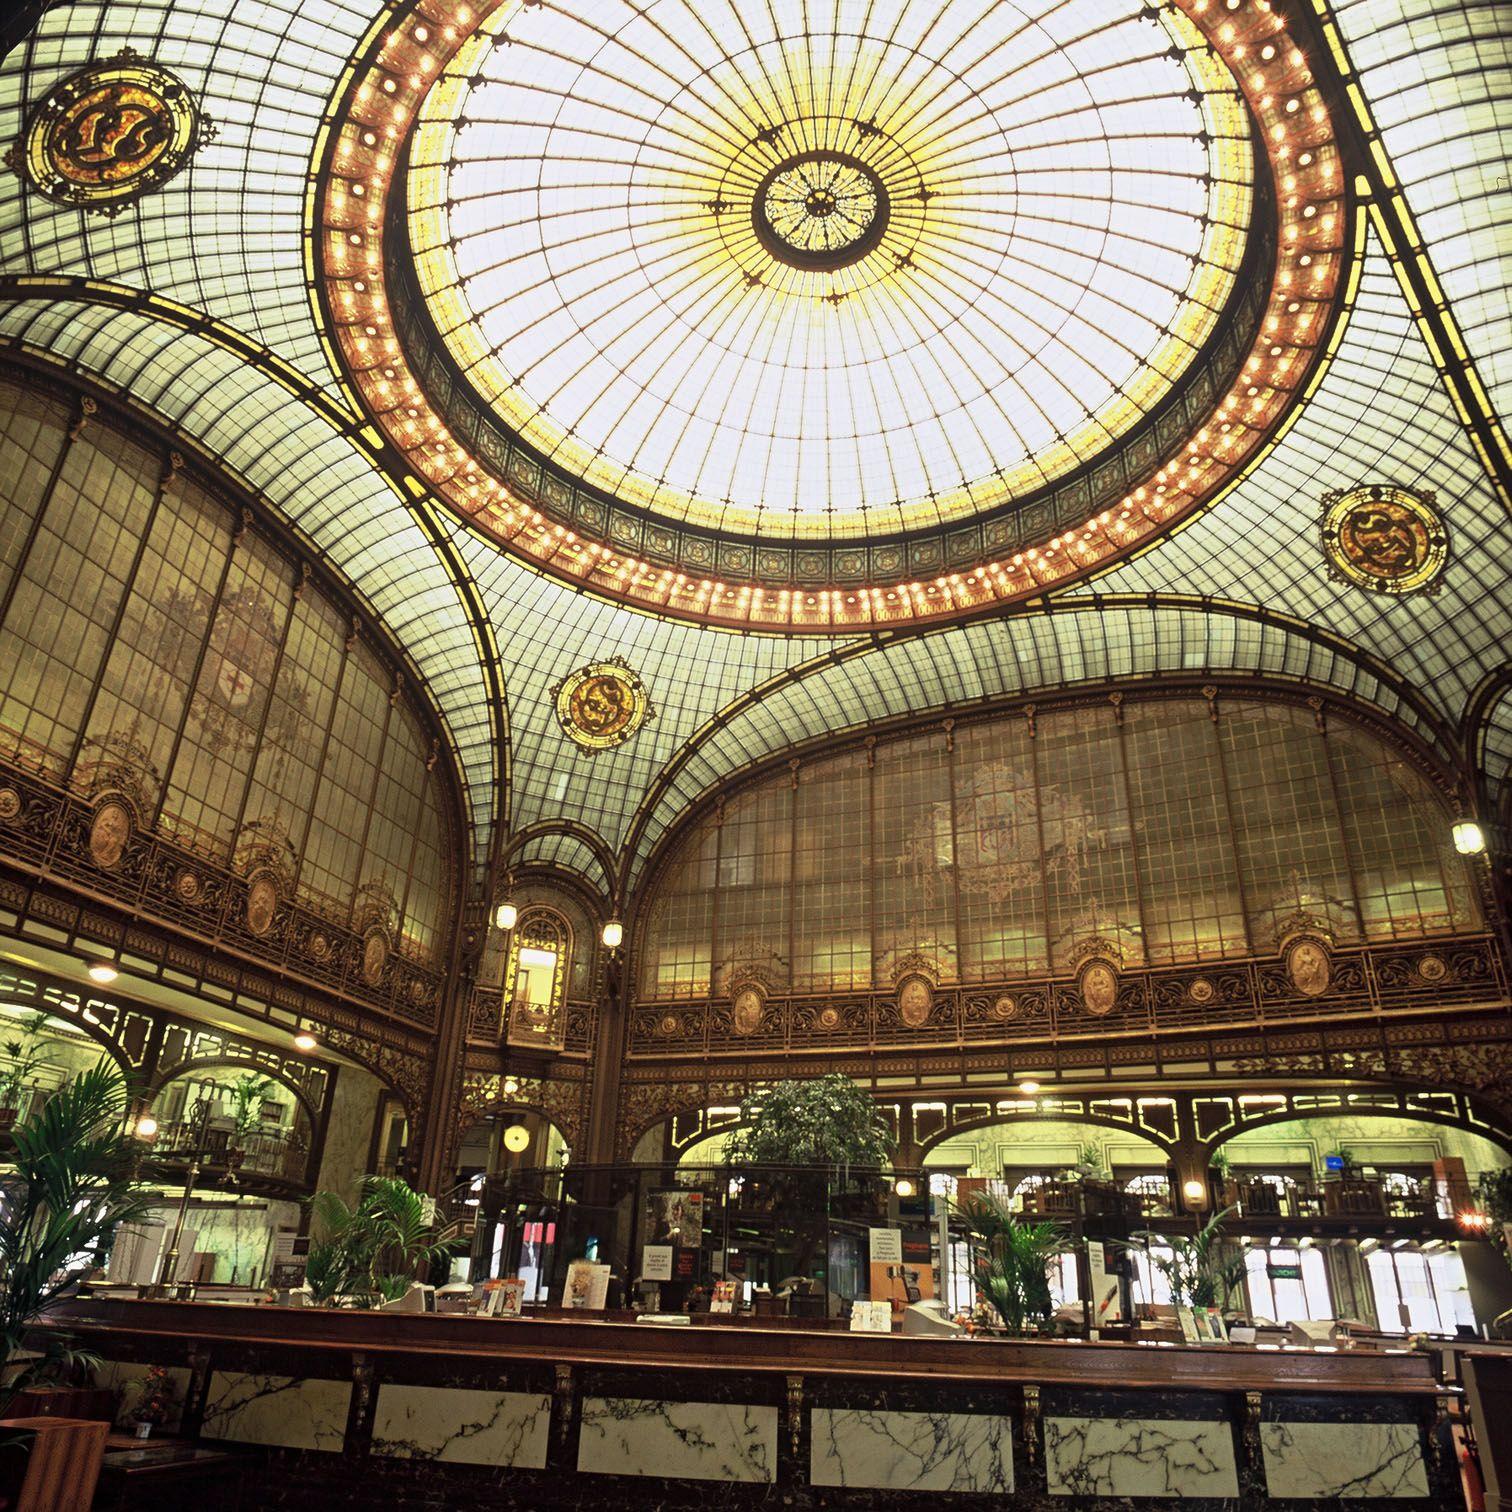 Agence centrale de la Société Générale, Paris 9e by J.M. Gras